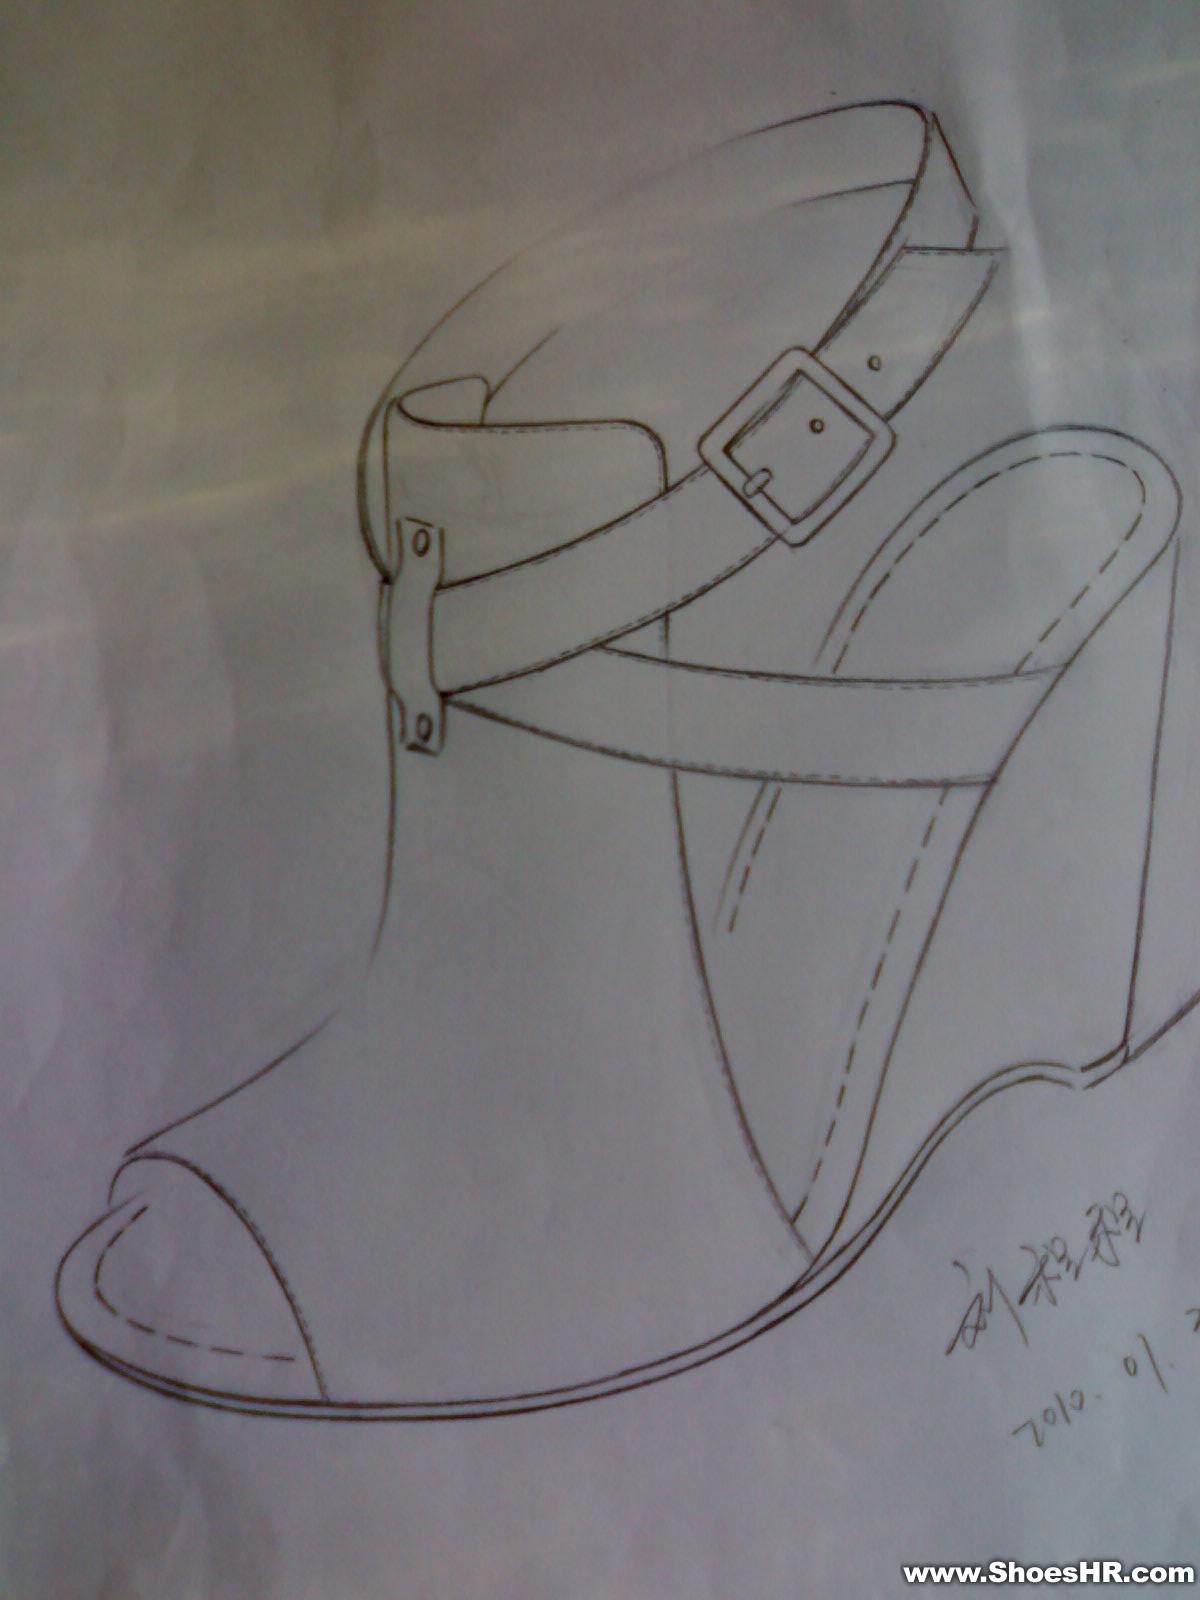 素描运动鞋子图片素材